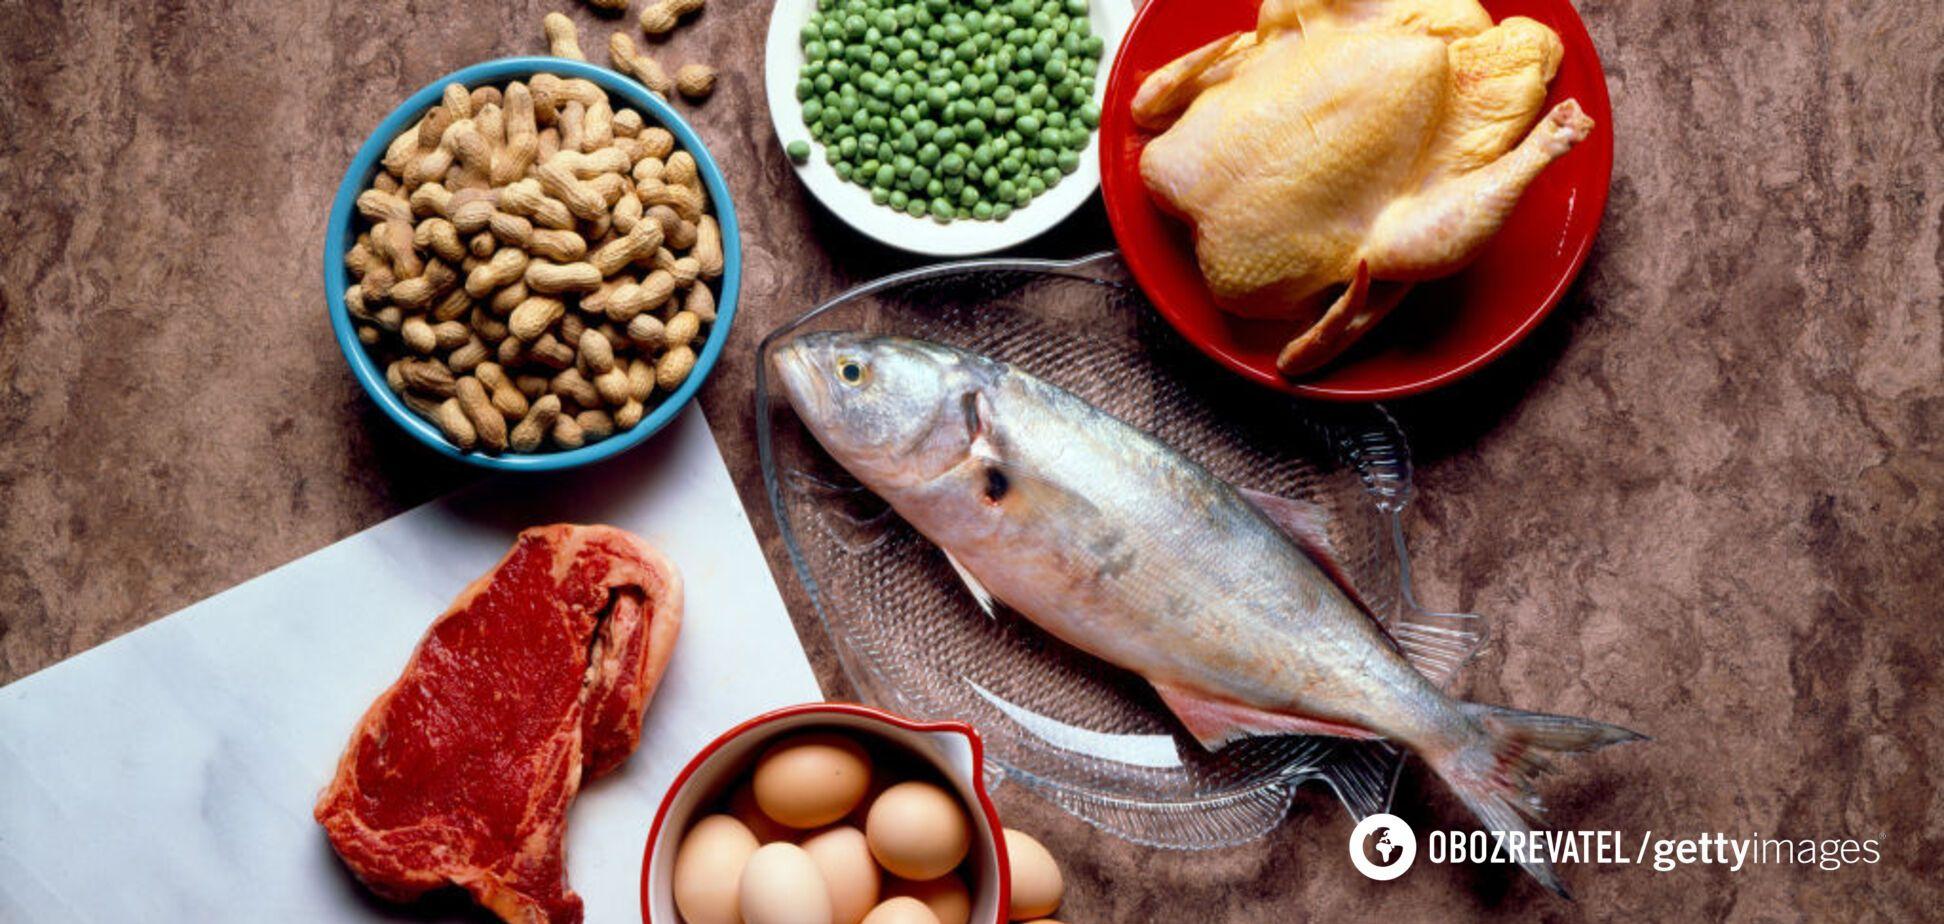 Мясо, птица, рыба, яйца относятся к продуктам группы высокого риска пищевых отравлений